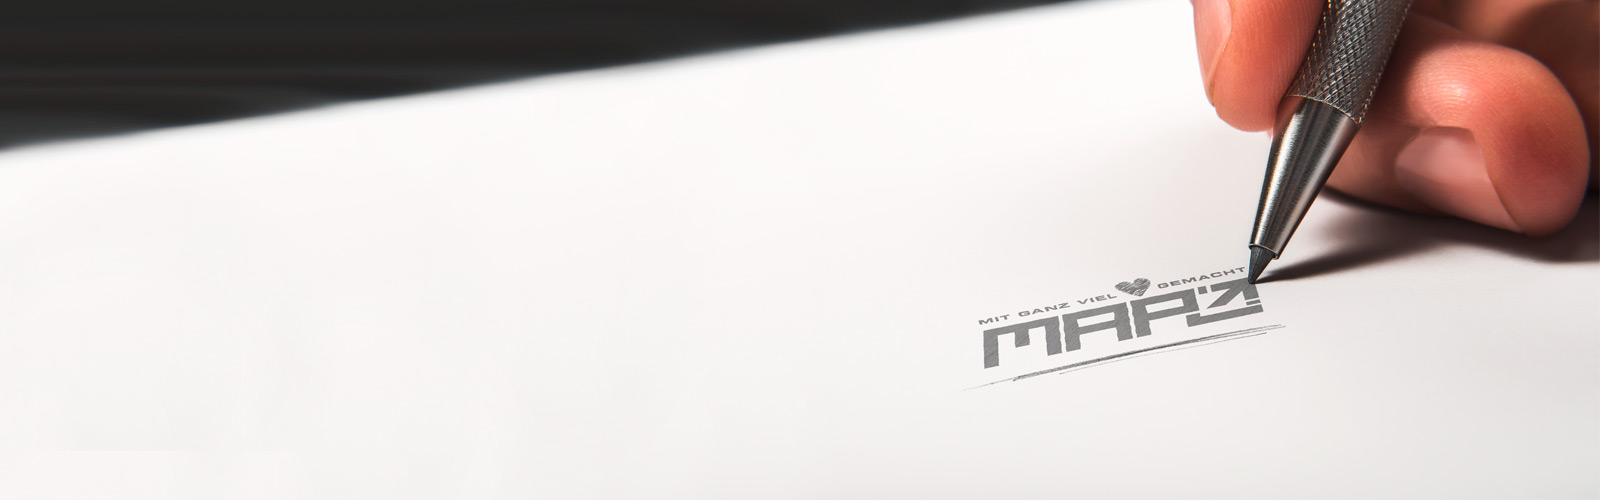 Werbeagentur MAPO - Marketing Potsdam, Grafik mit ganz viel Herz gemacht